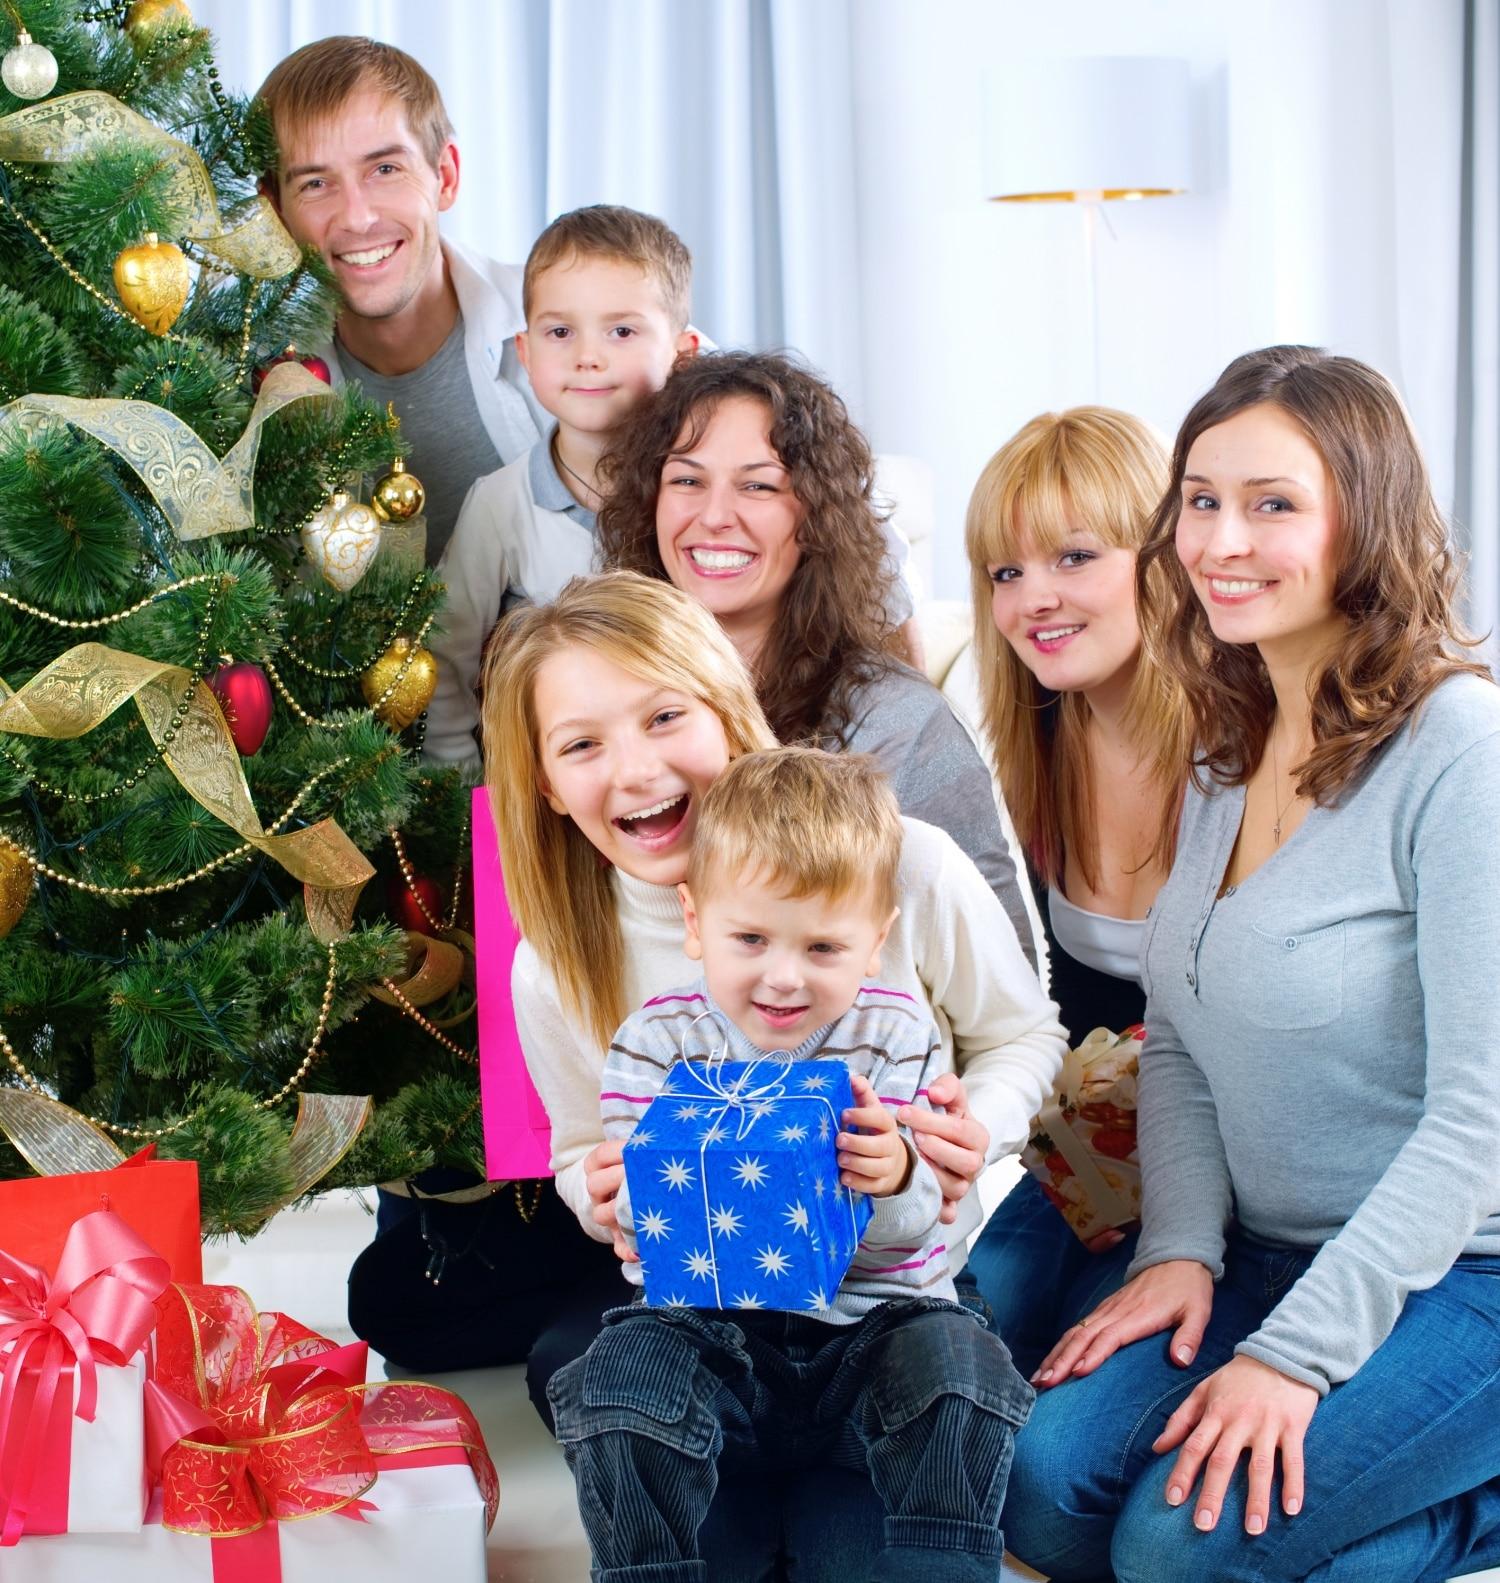 Milyen hagyományokat érdemes átmenteni a karácsonyból a hétköznapokba?